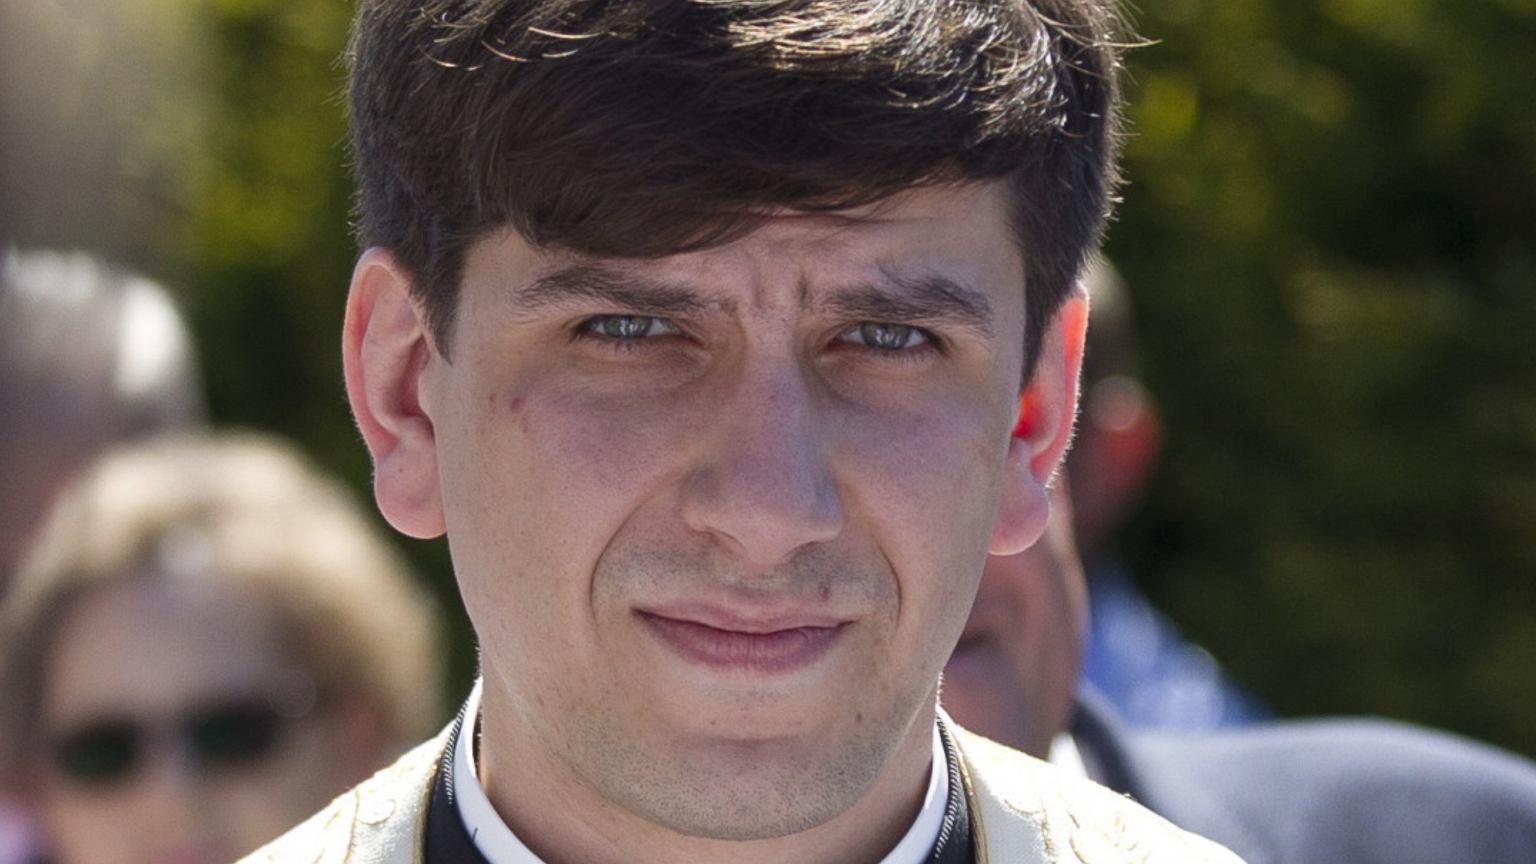 Prawnik Tymoteusza Szydło komentuje plotki. Rezygnuje z kapłaństwa, bo ma zostać ojcem? Jednoznaczna odpowiedź